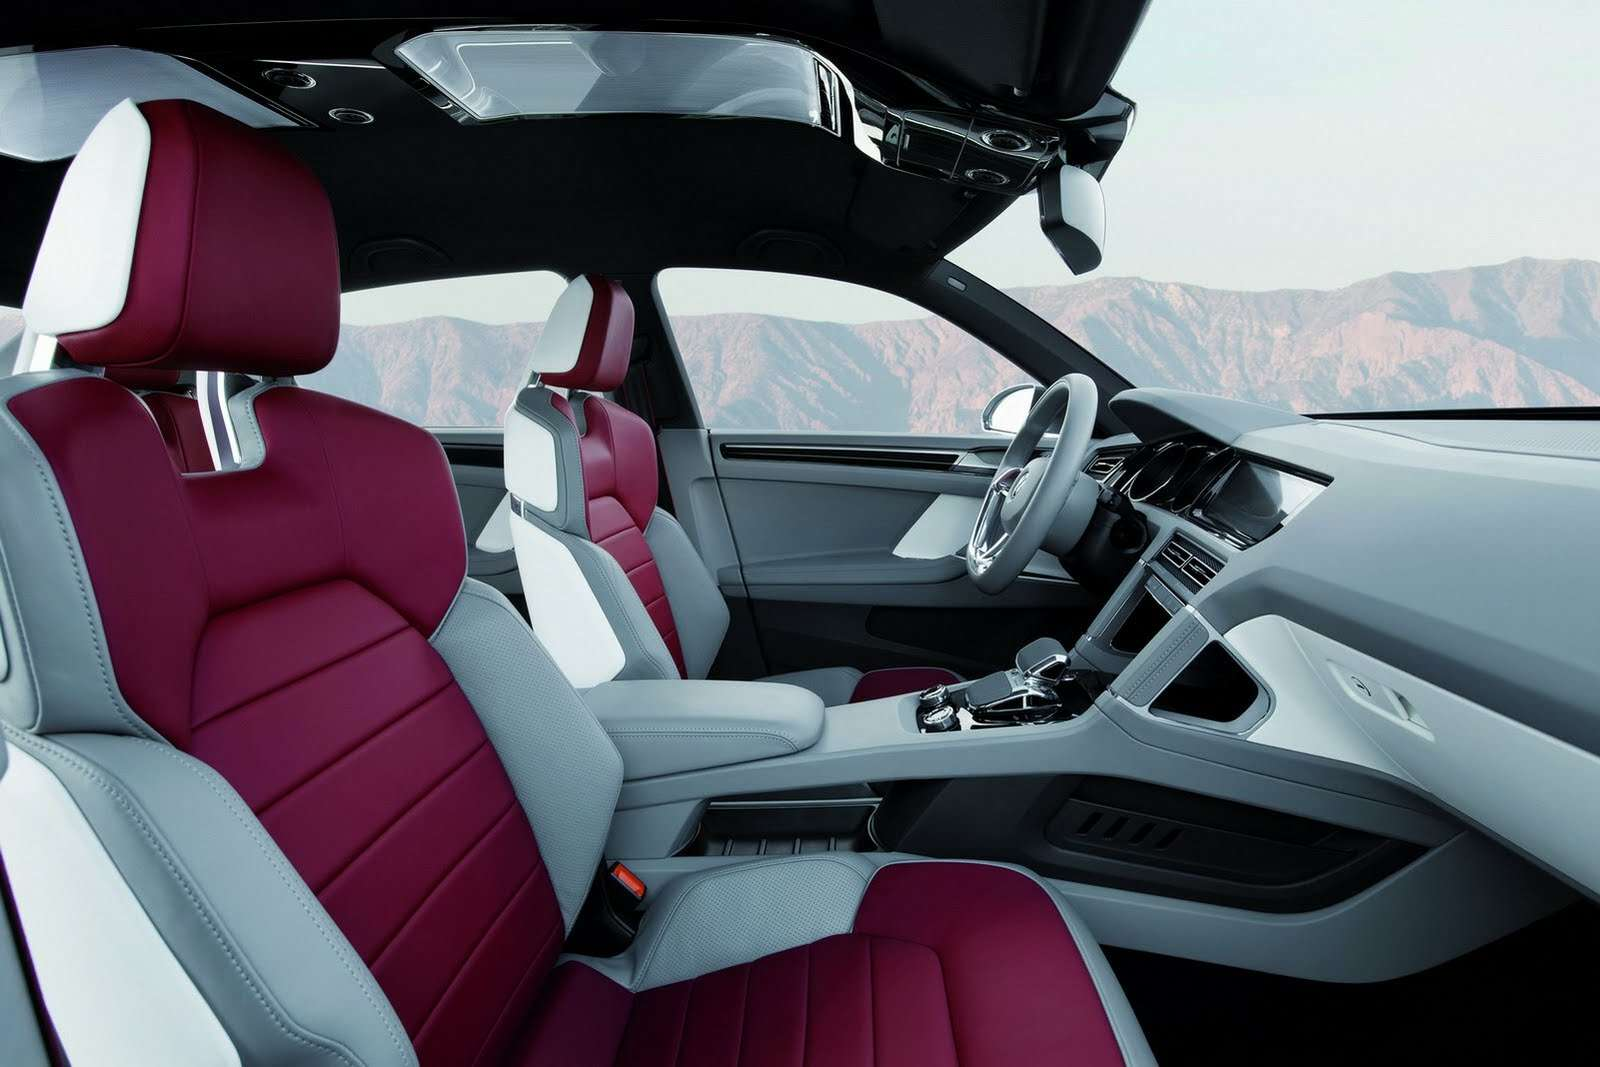 Volkswagen-Cross-Coupe-Concept-Carscoop23